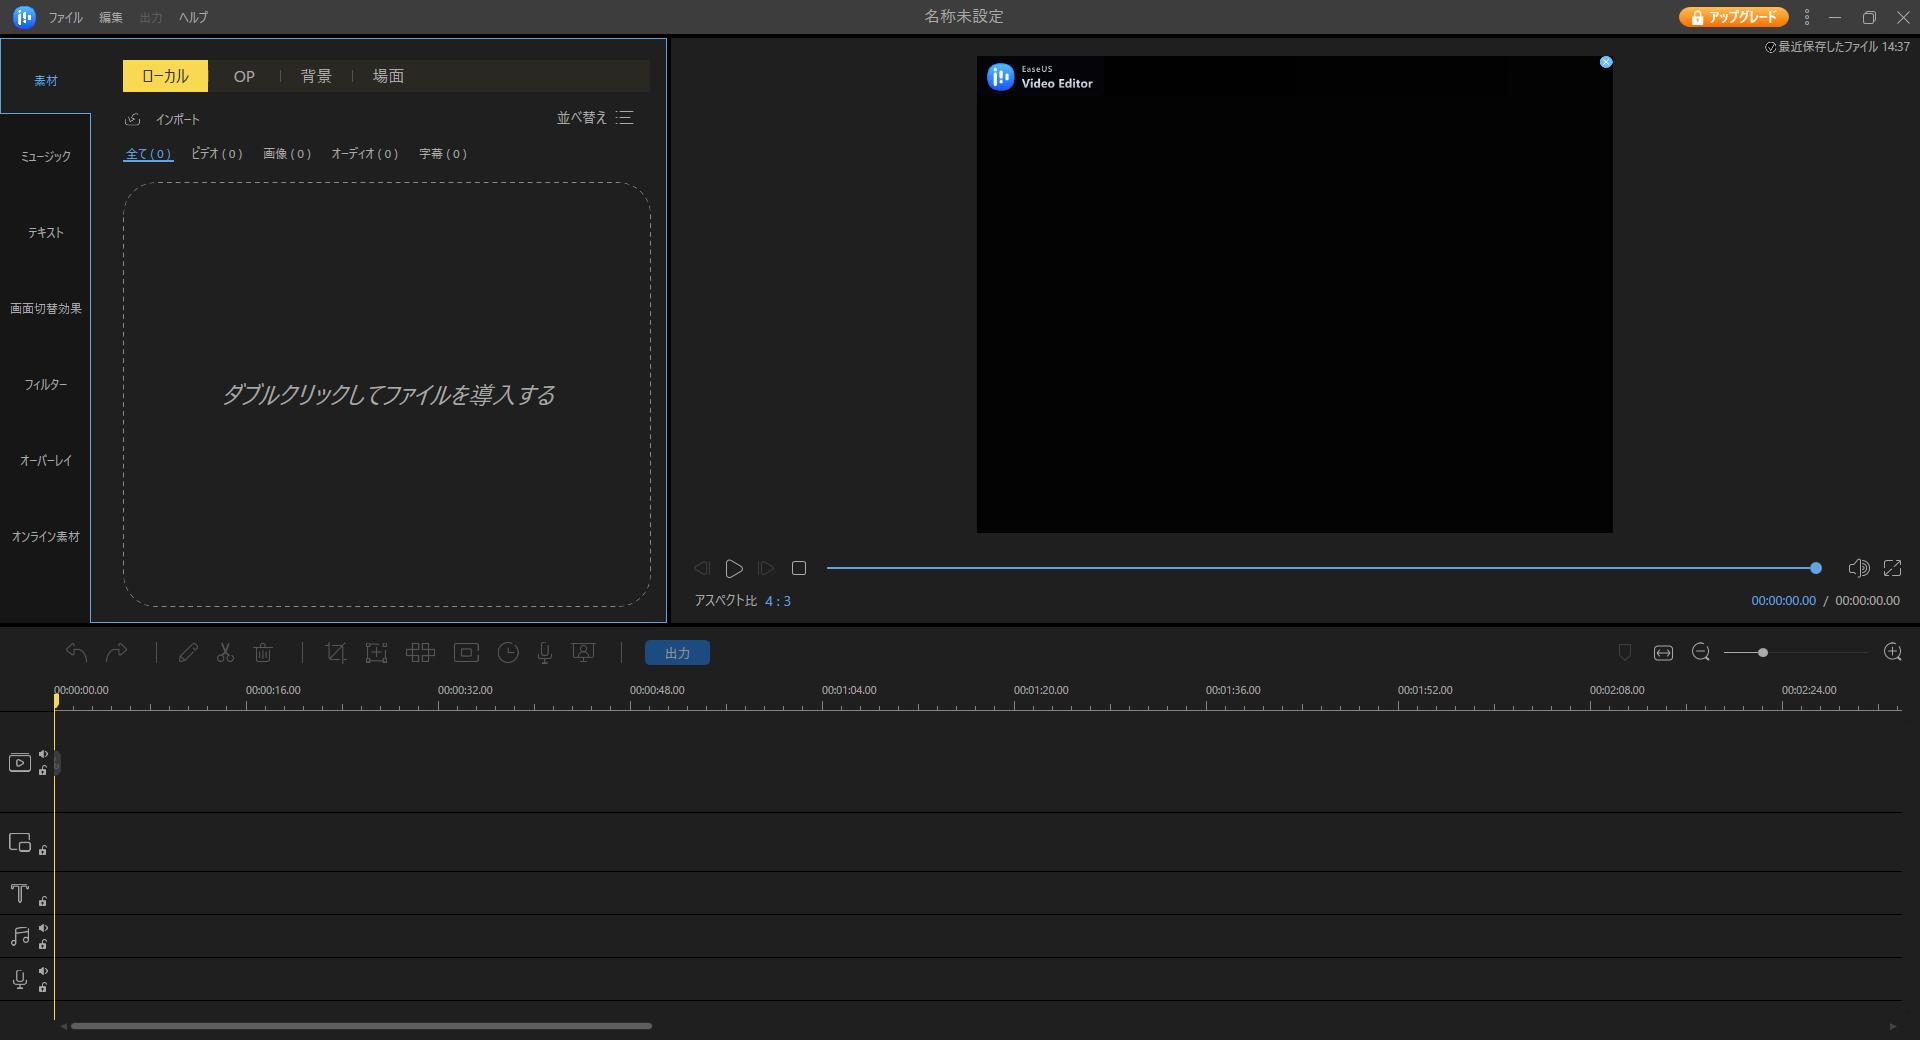 「EaseUS Video Editor」の編集画面